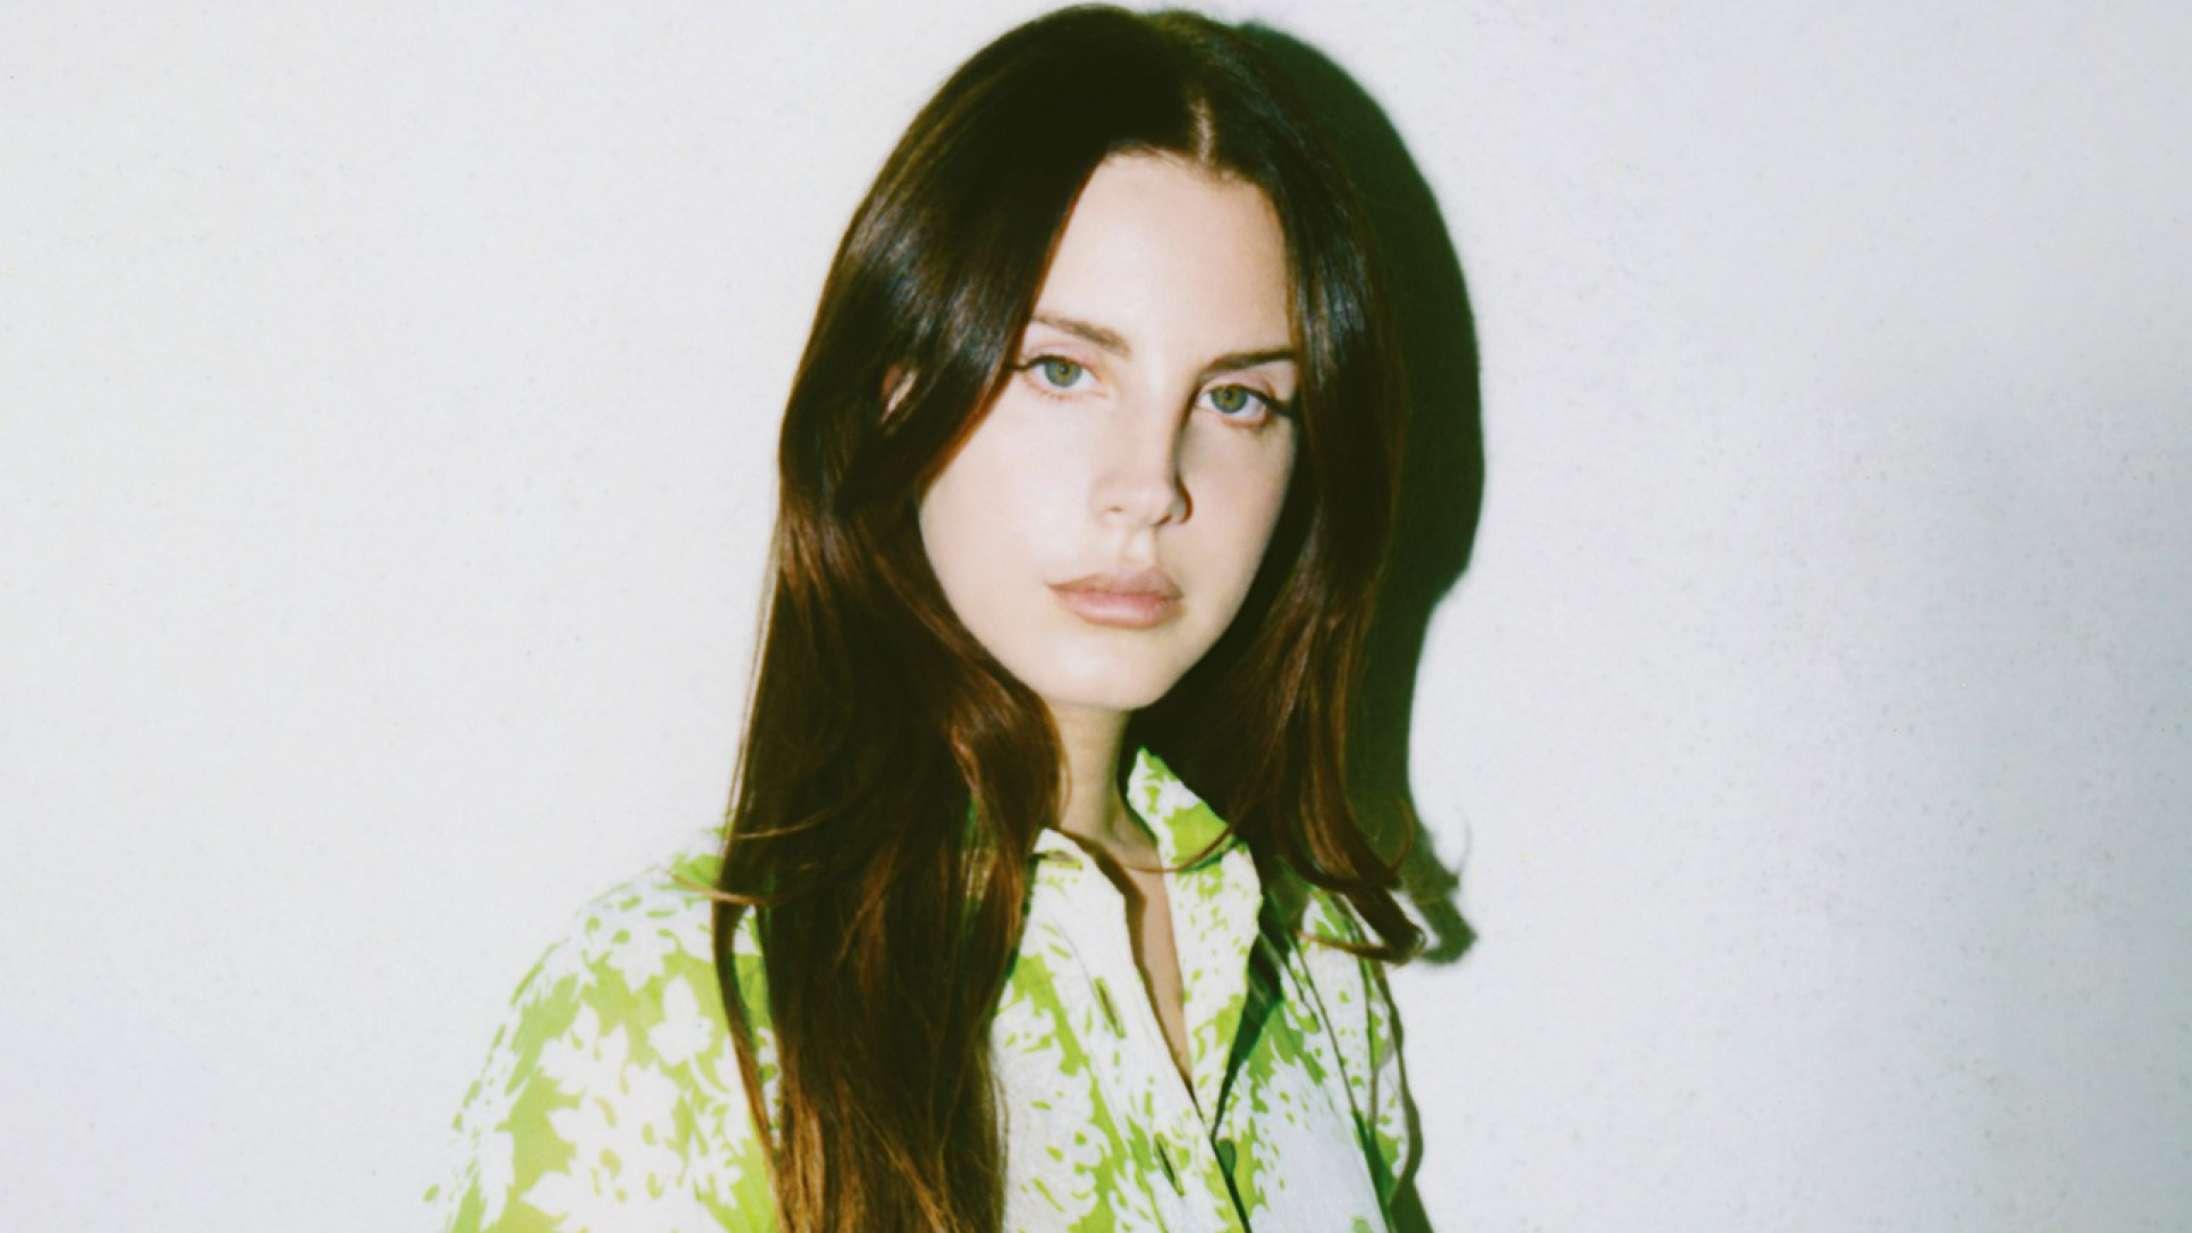 Lana Del Rey annoncerer nyt album – vil tage »hævn« over beskyldninger om kulturel appropriation